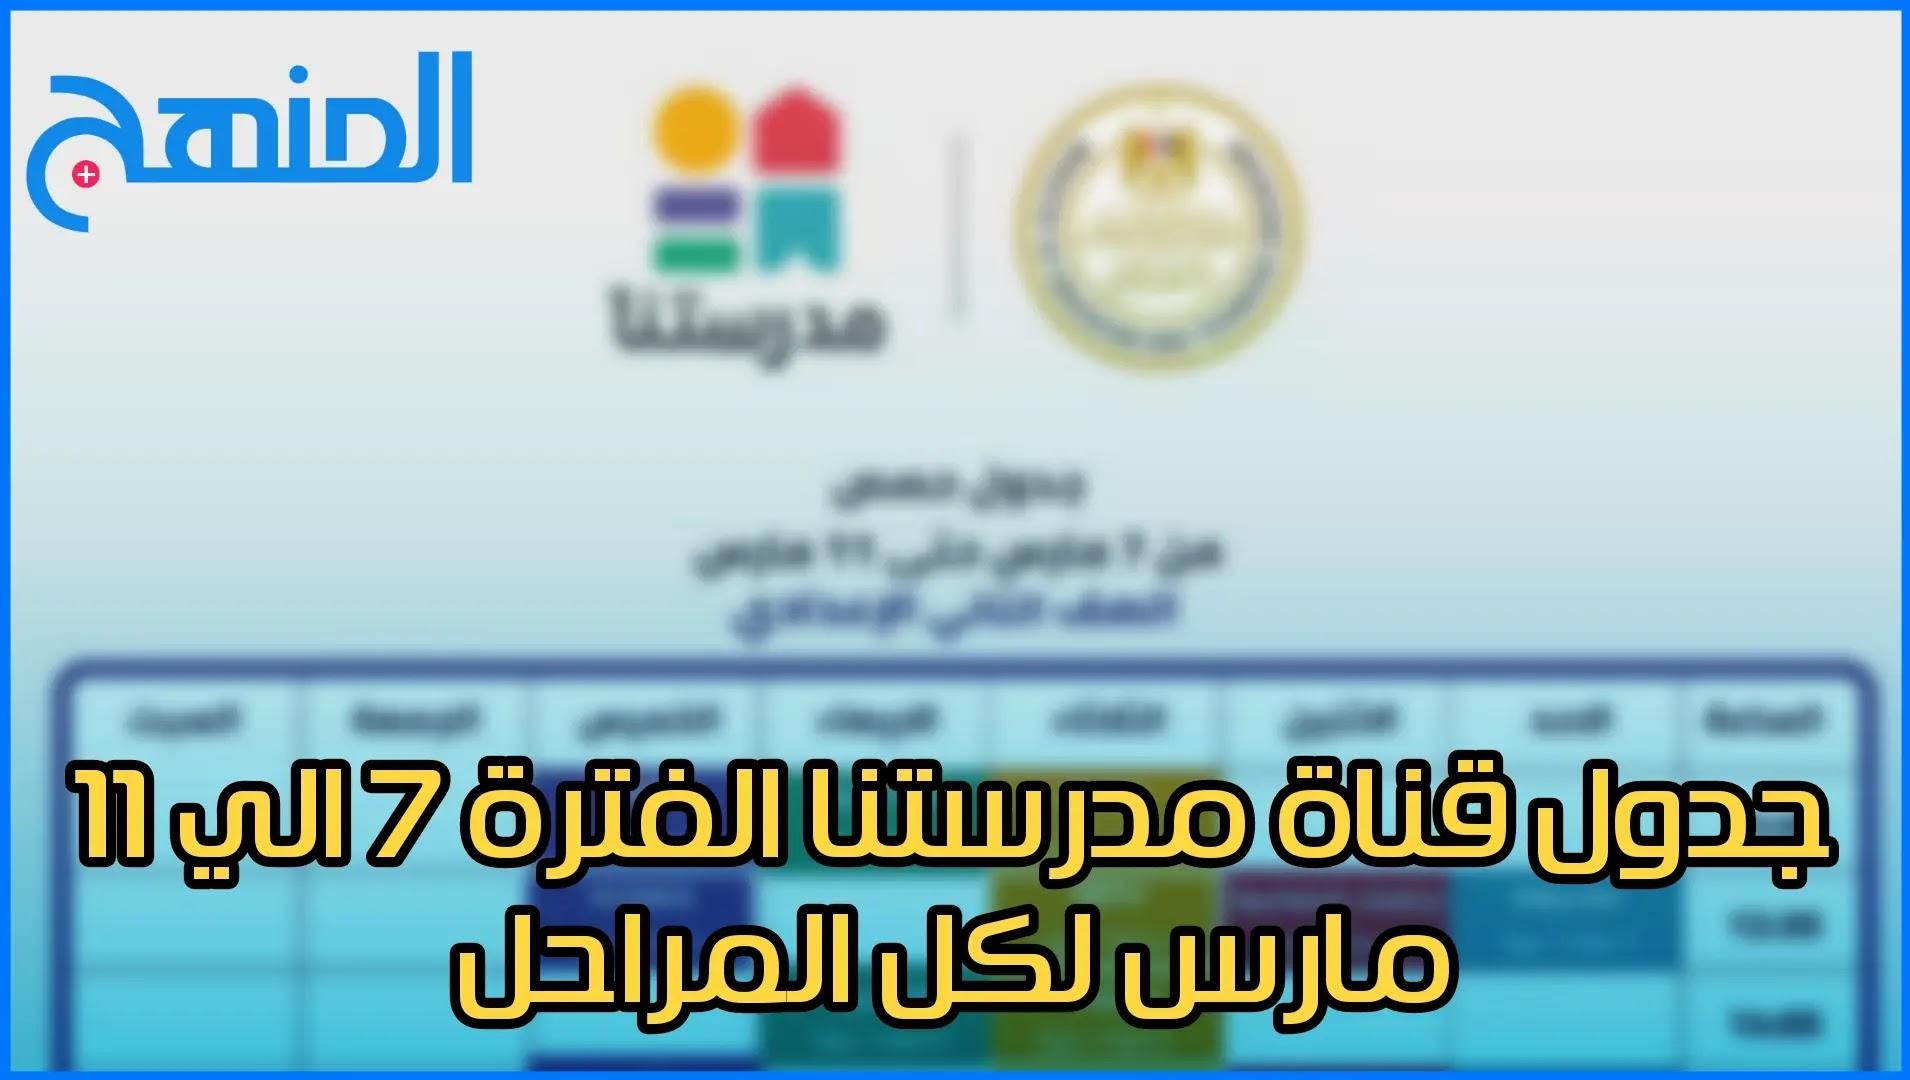 جدول حصص قناة مدرستنا من 7 الي 11 مارس لجميع المراحل